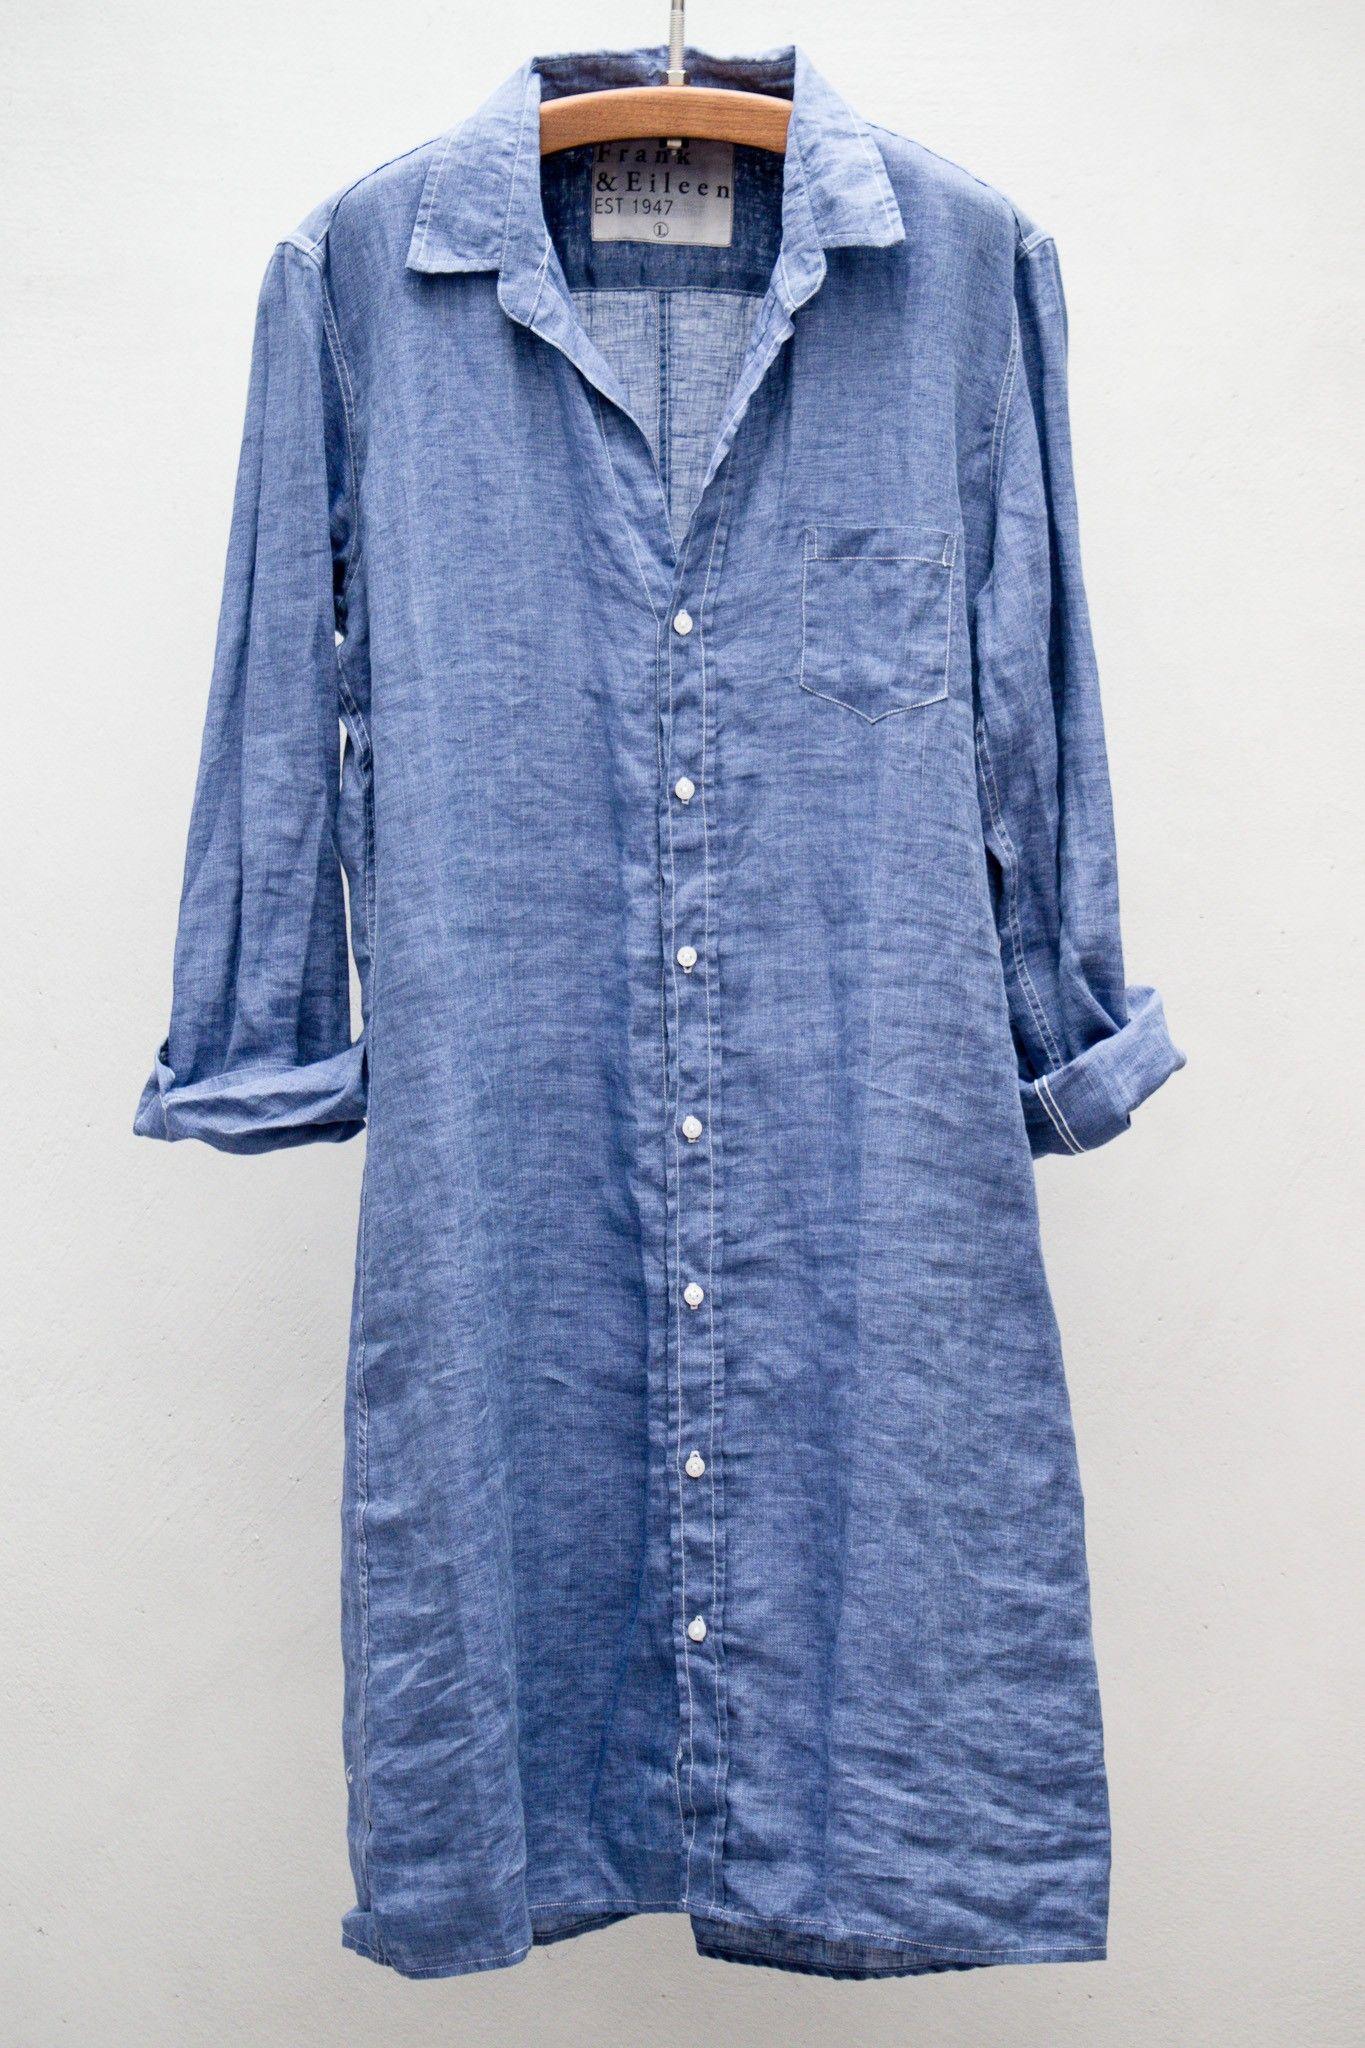 Heist Frank Eileen Shirt Dress Dark Blue Linen Fall Capse